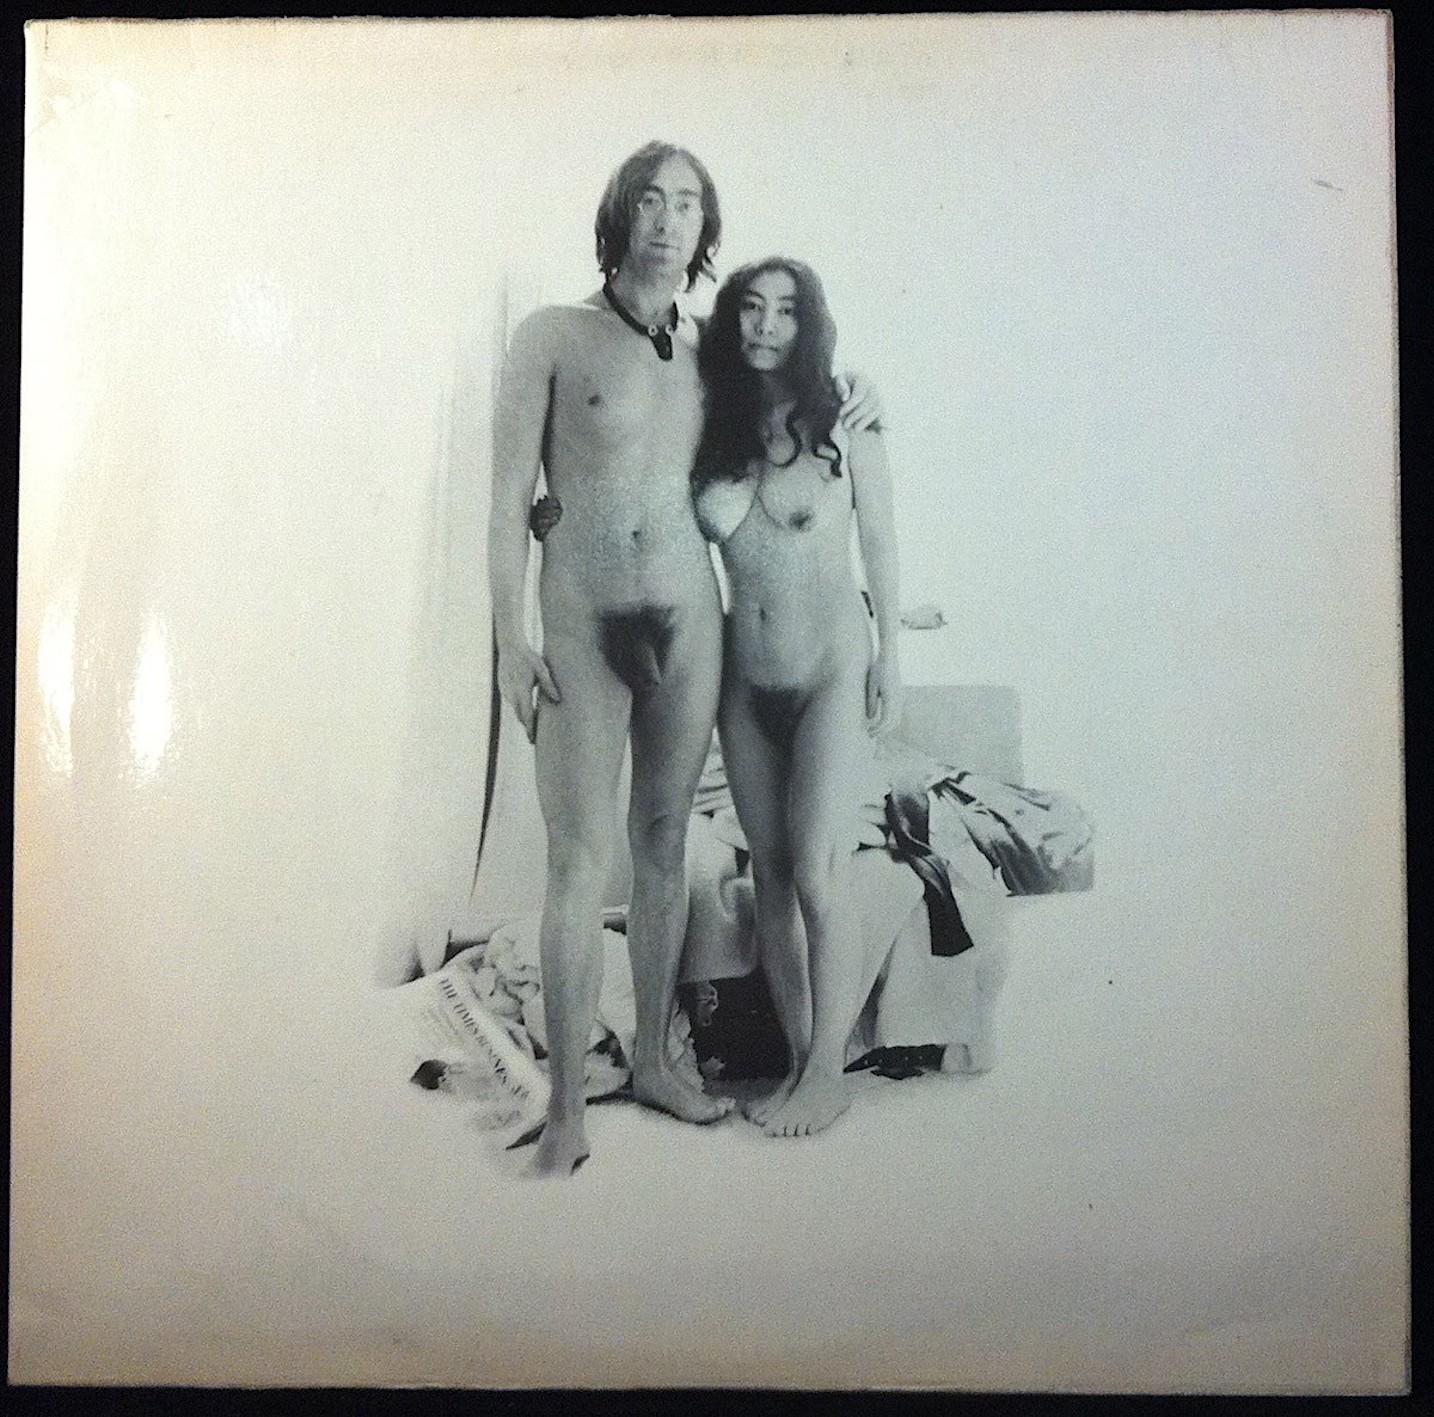 John Lennon,  Vedo nudo , 1968, c-print, 32 x 32 cm